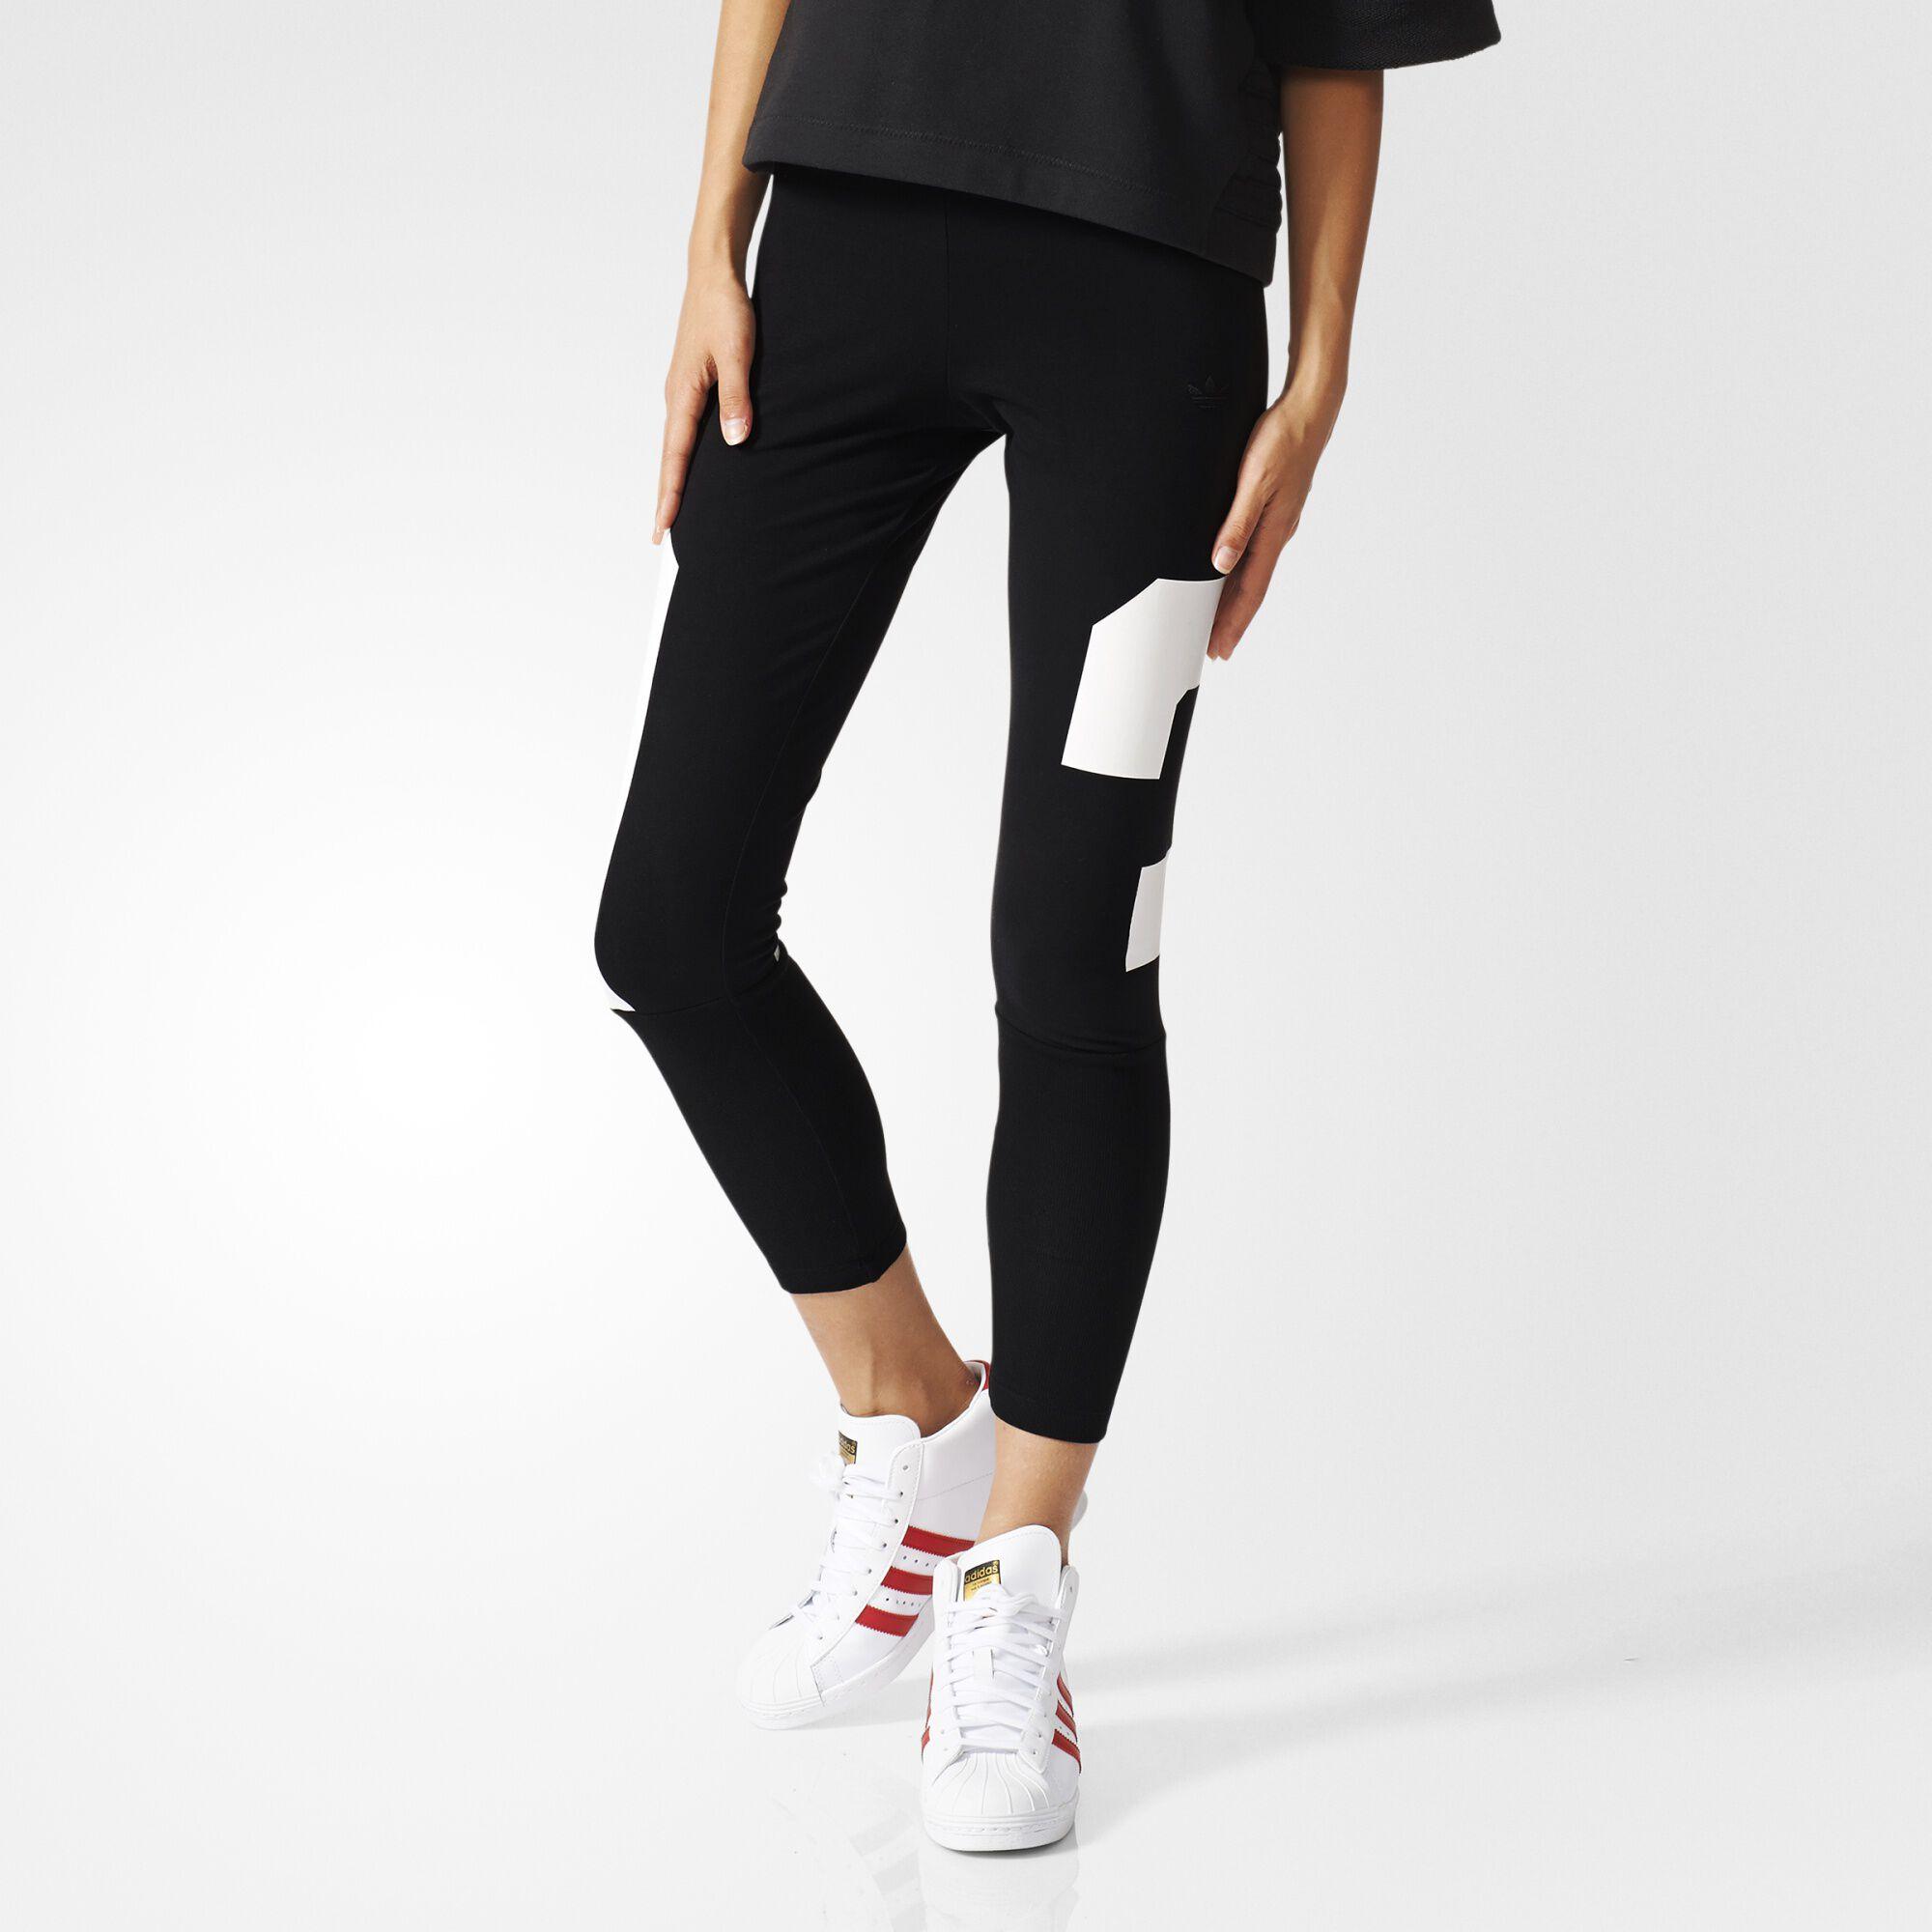 adidas Femmes Basketball Leggings - Black | adidas Canada